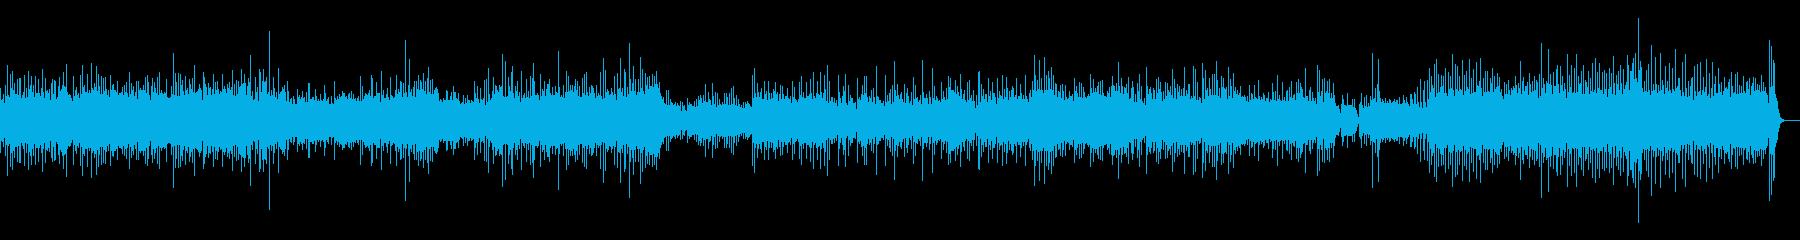 キューバ序曲(シンセ版)の再生済みの波形